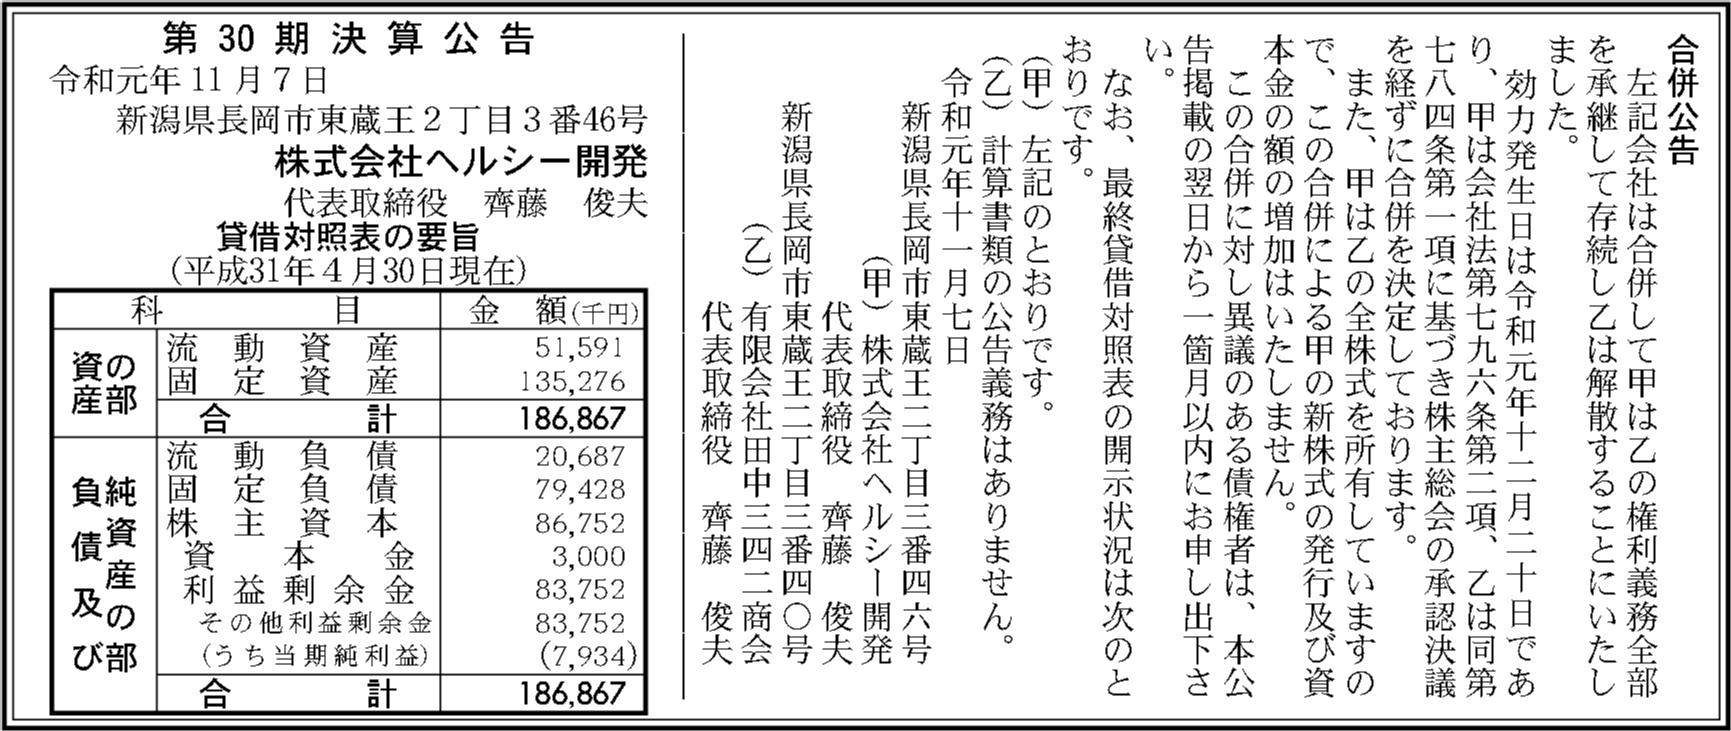 0093 f94863c96883fa628b003241e41306f278a52addf3e826d7d718309493162b1ce60e032a033a9e1232f19afdd4d4f4829d0483792b044fcf6f8c96315108882b 06